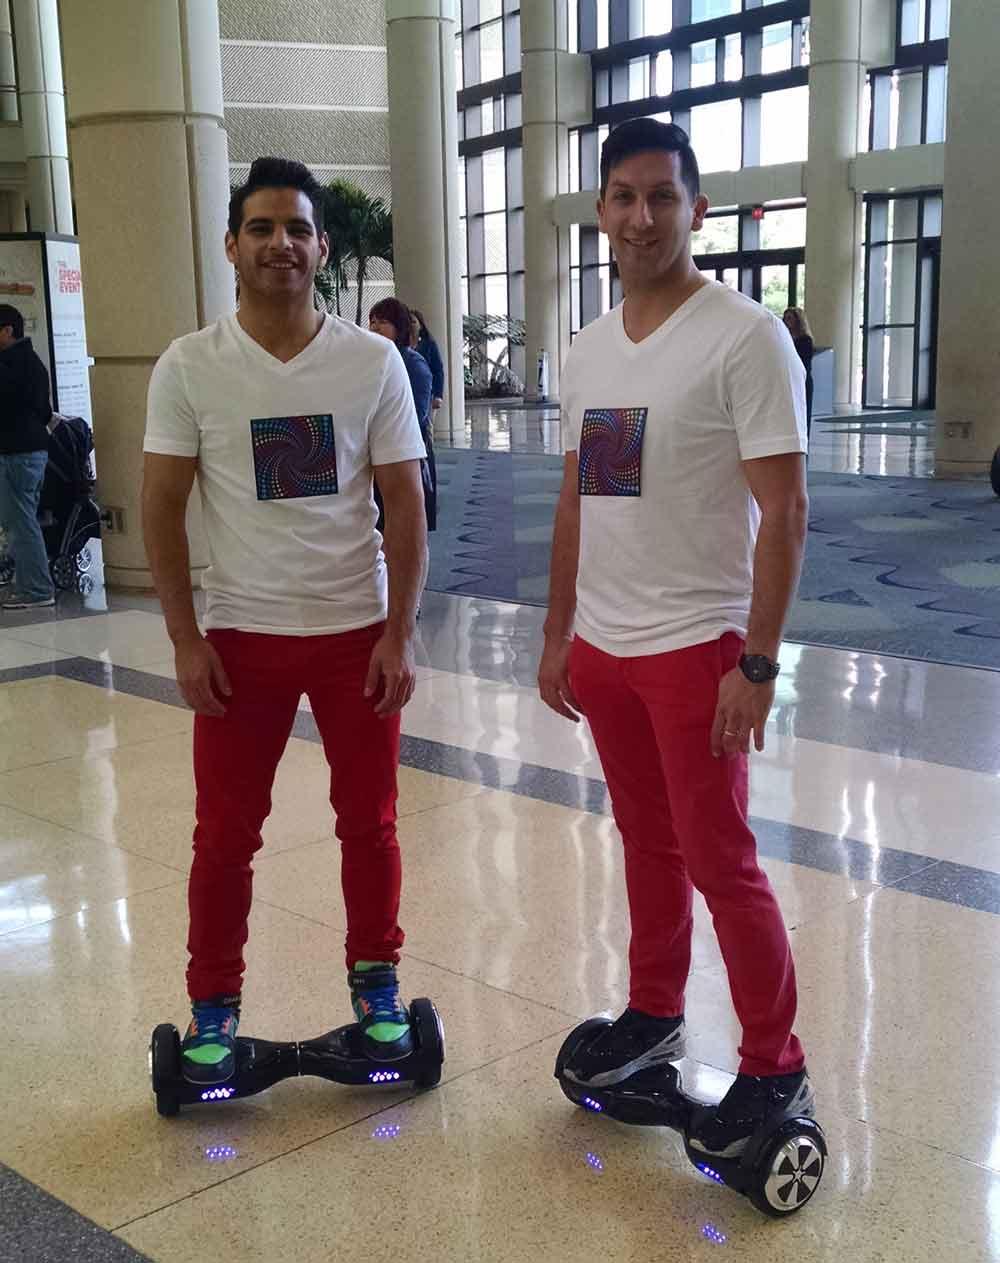 Men on hoverboards